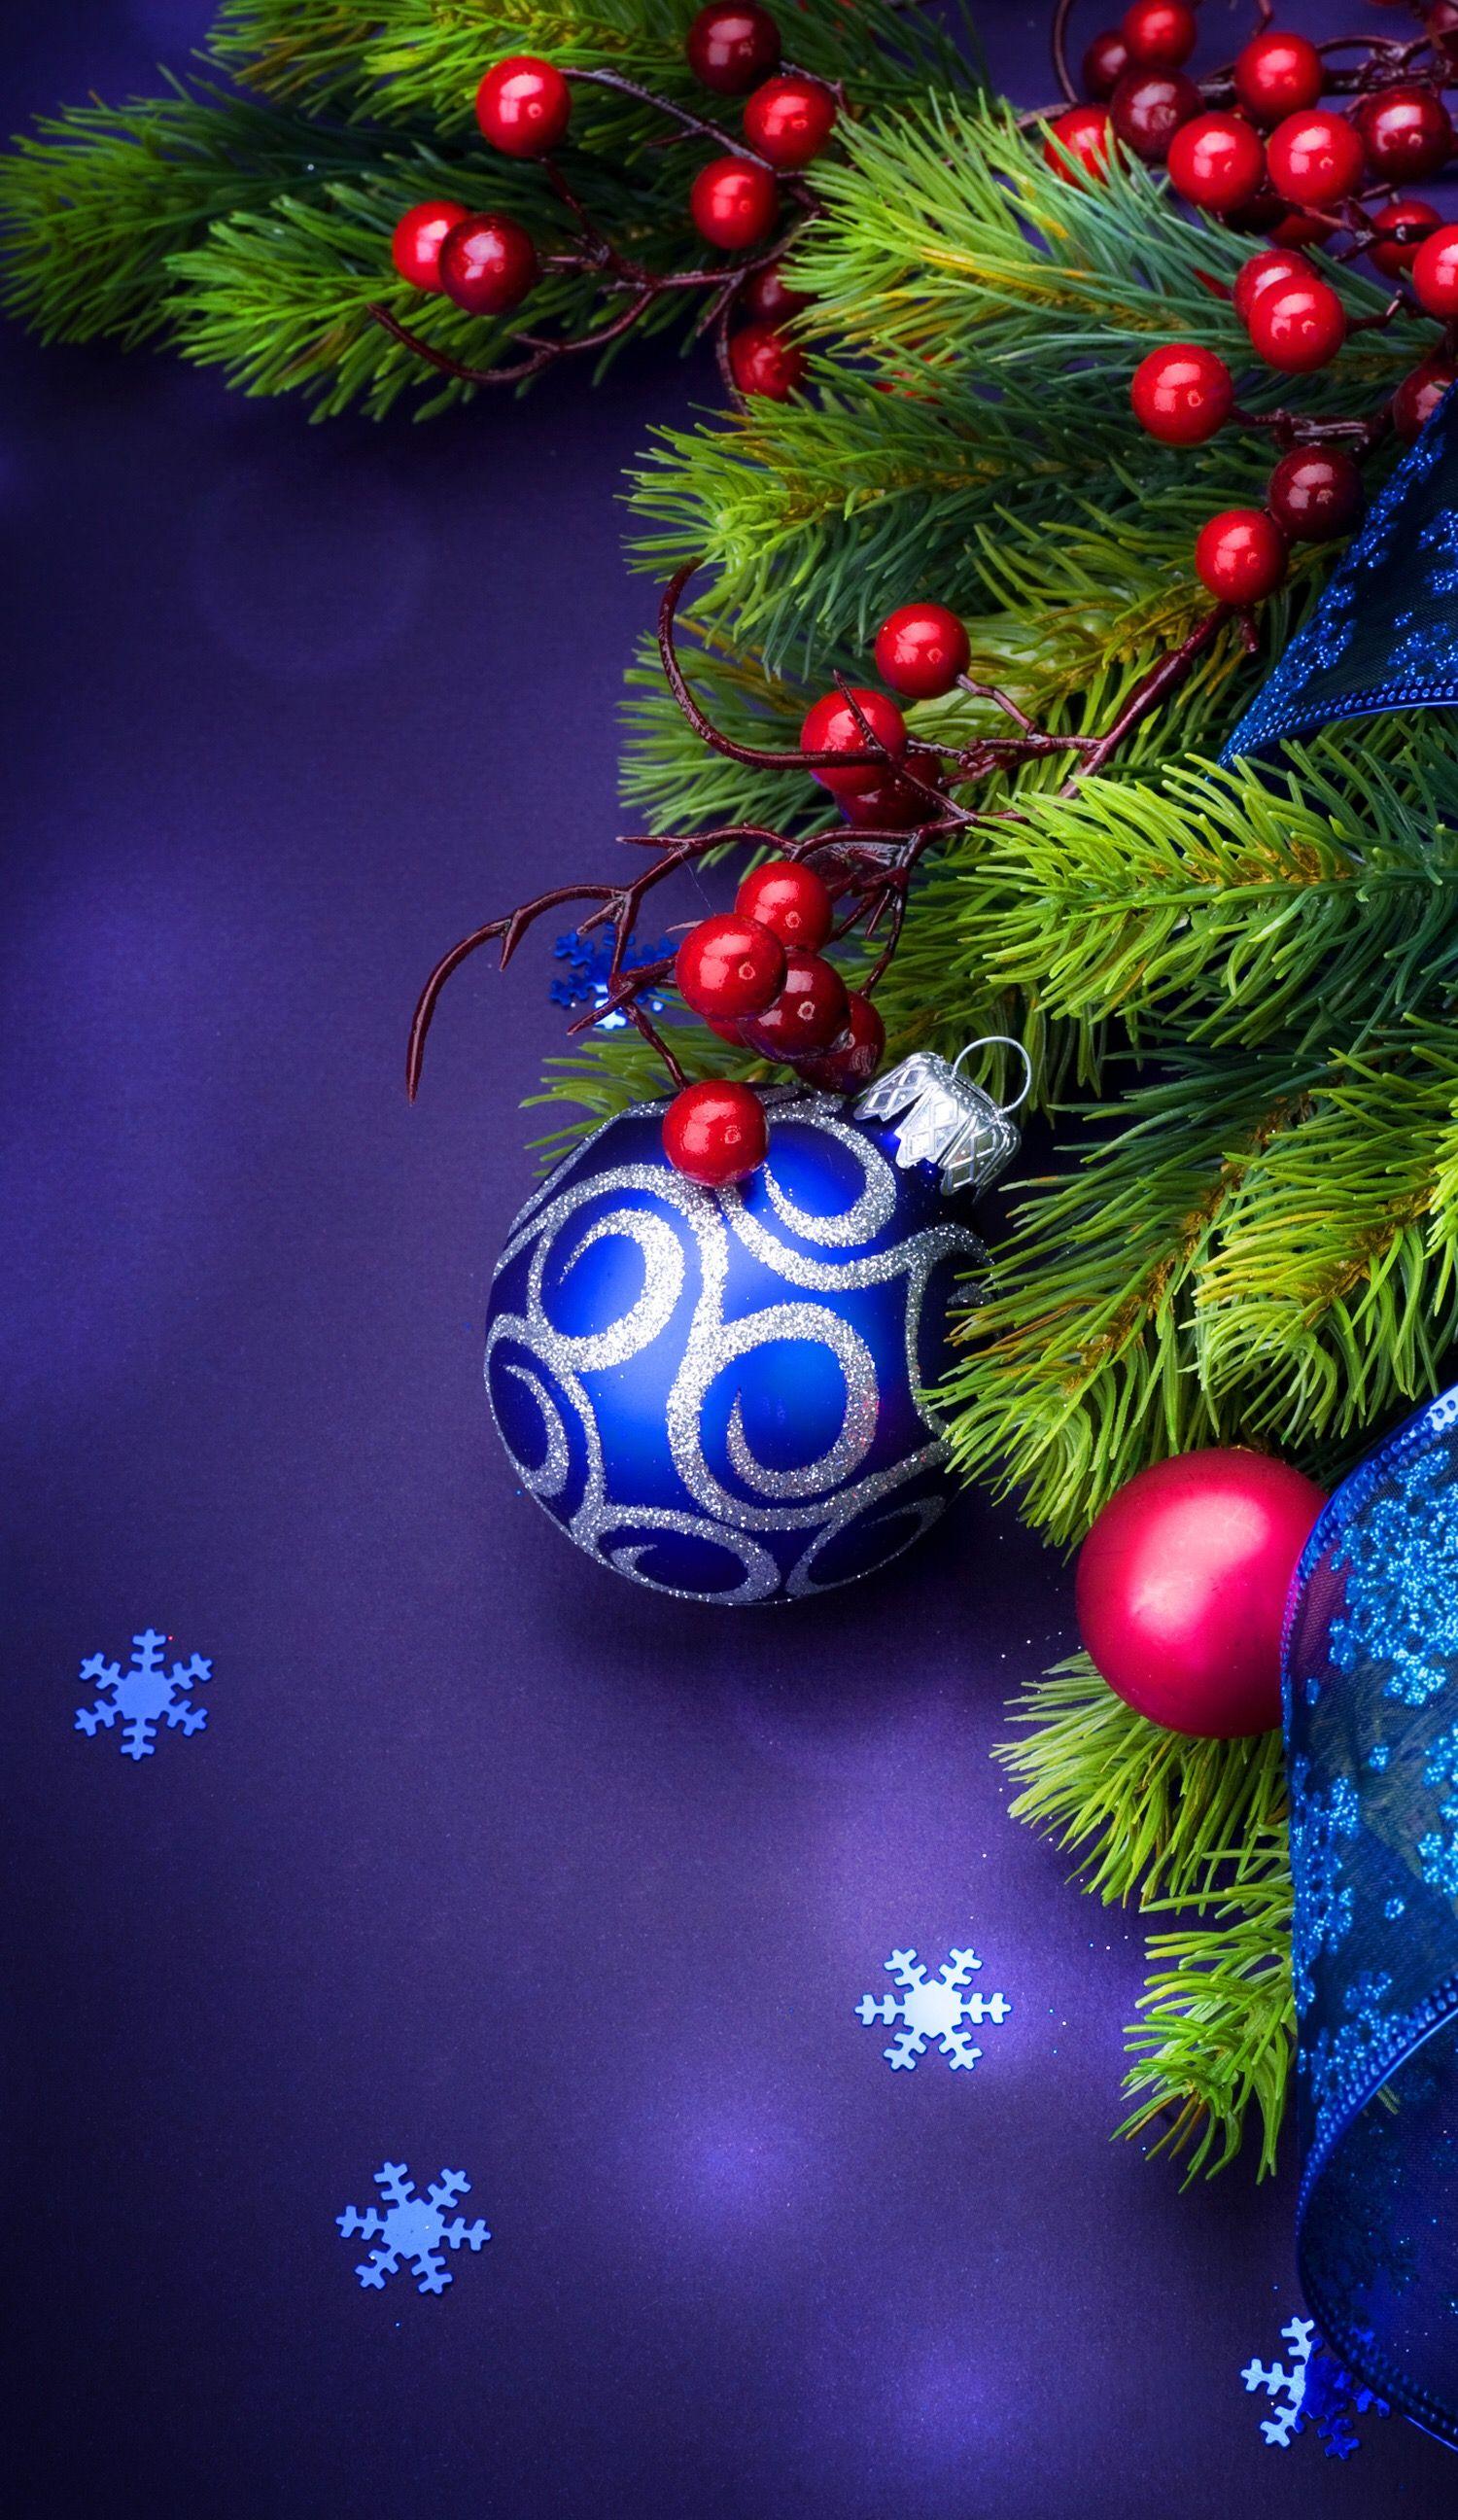 Save and set Christmas wallpaper, Merry christmas